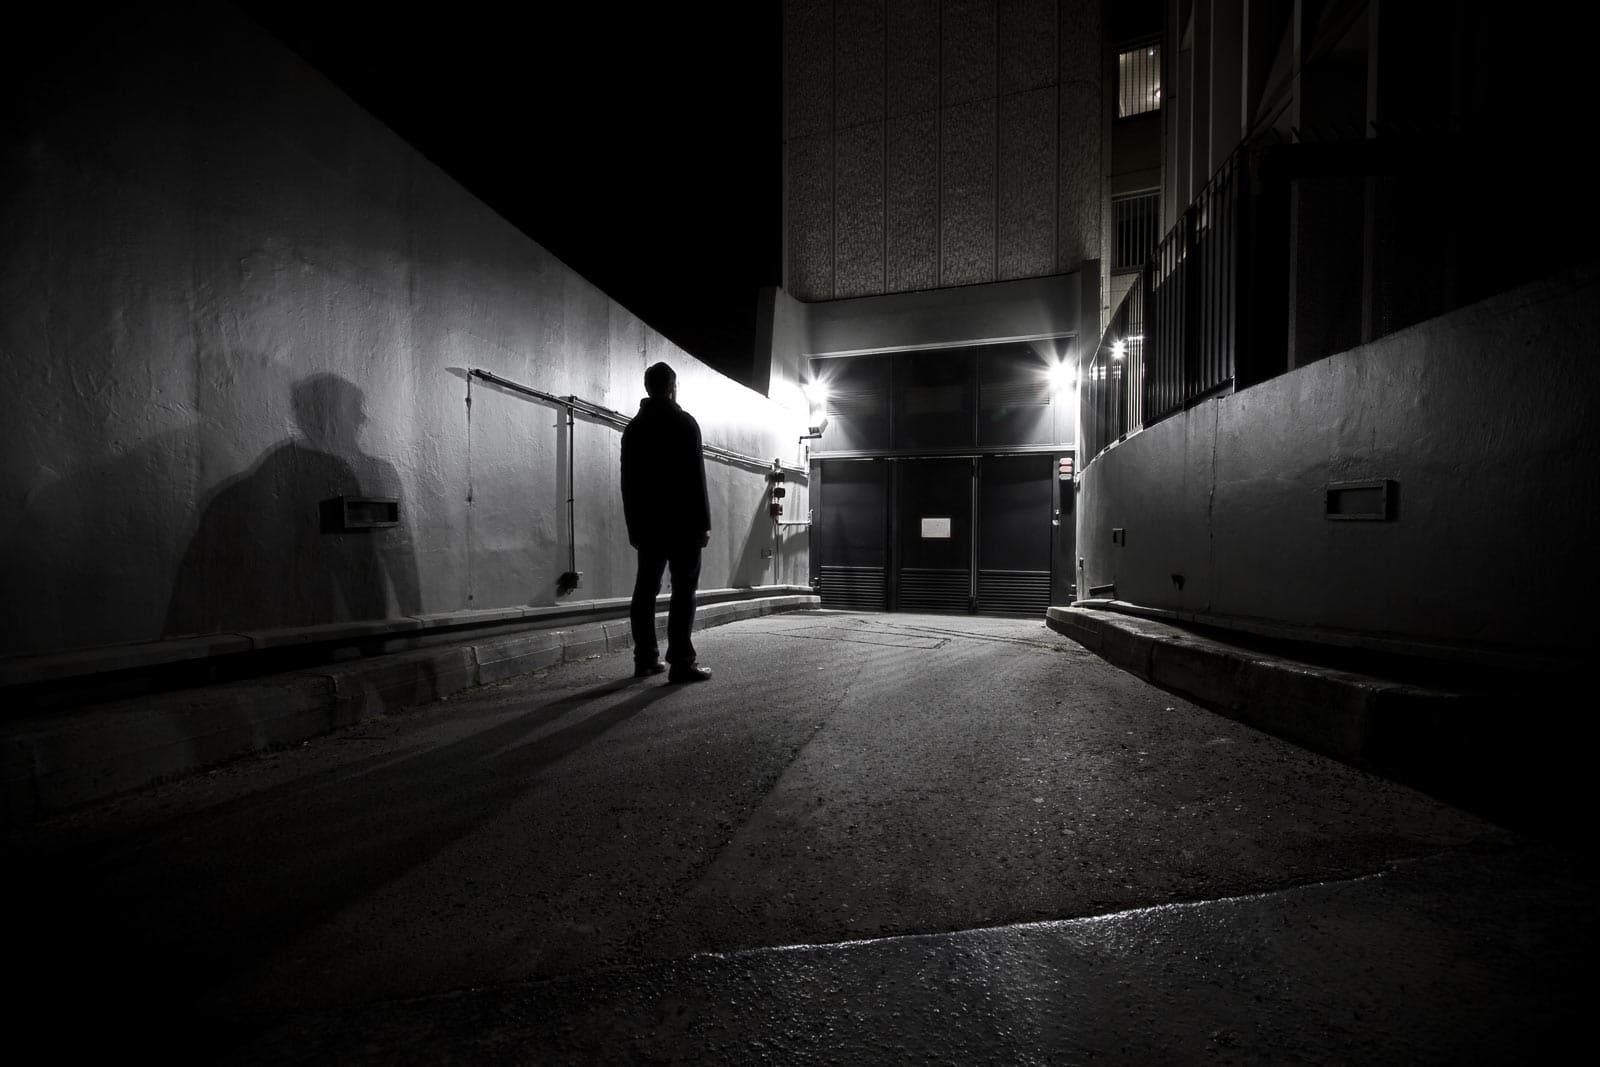 L'obscur compagnon de route - photographie de nuit urbaine